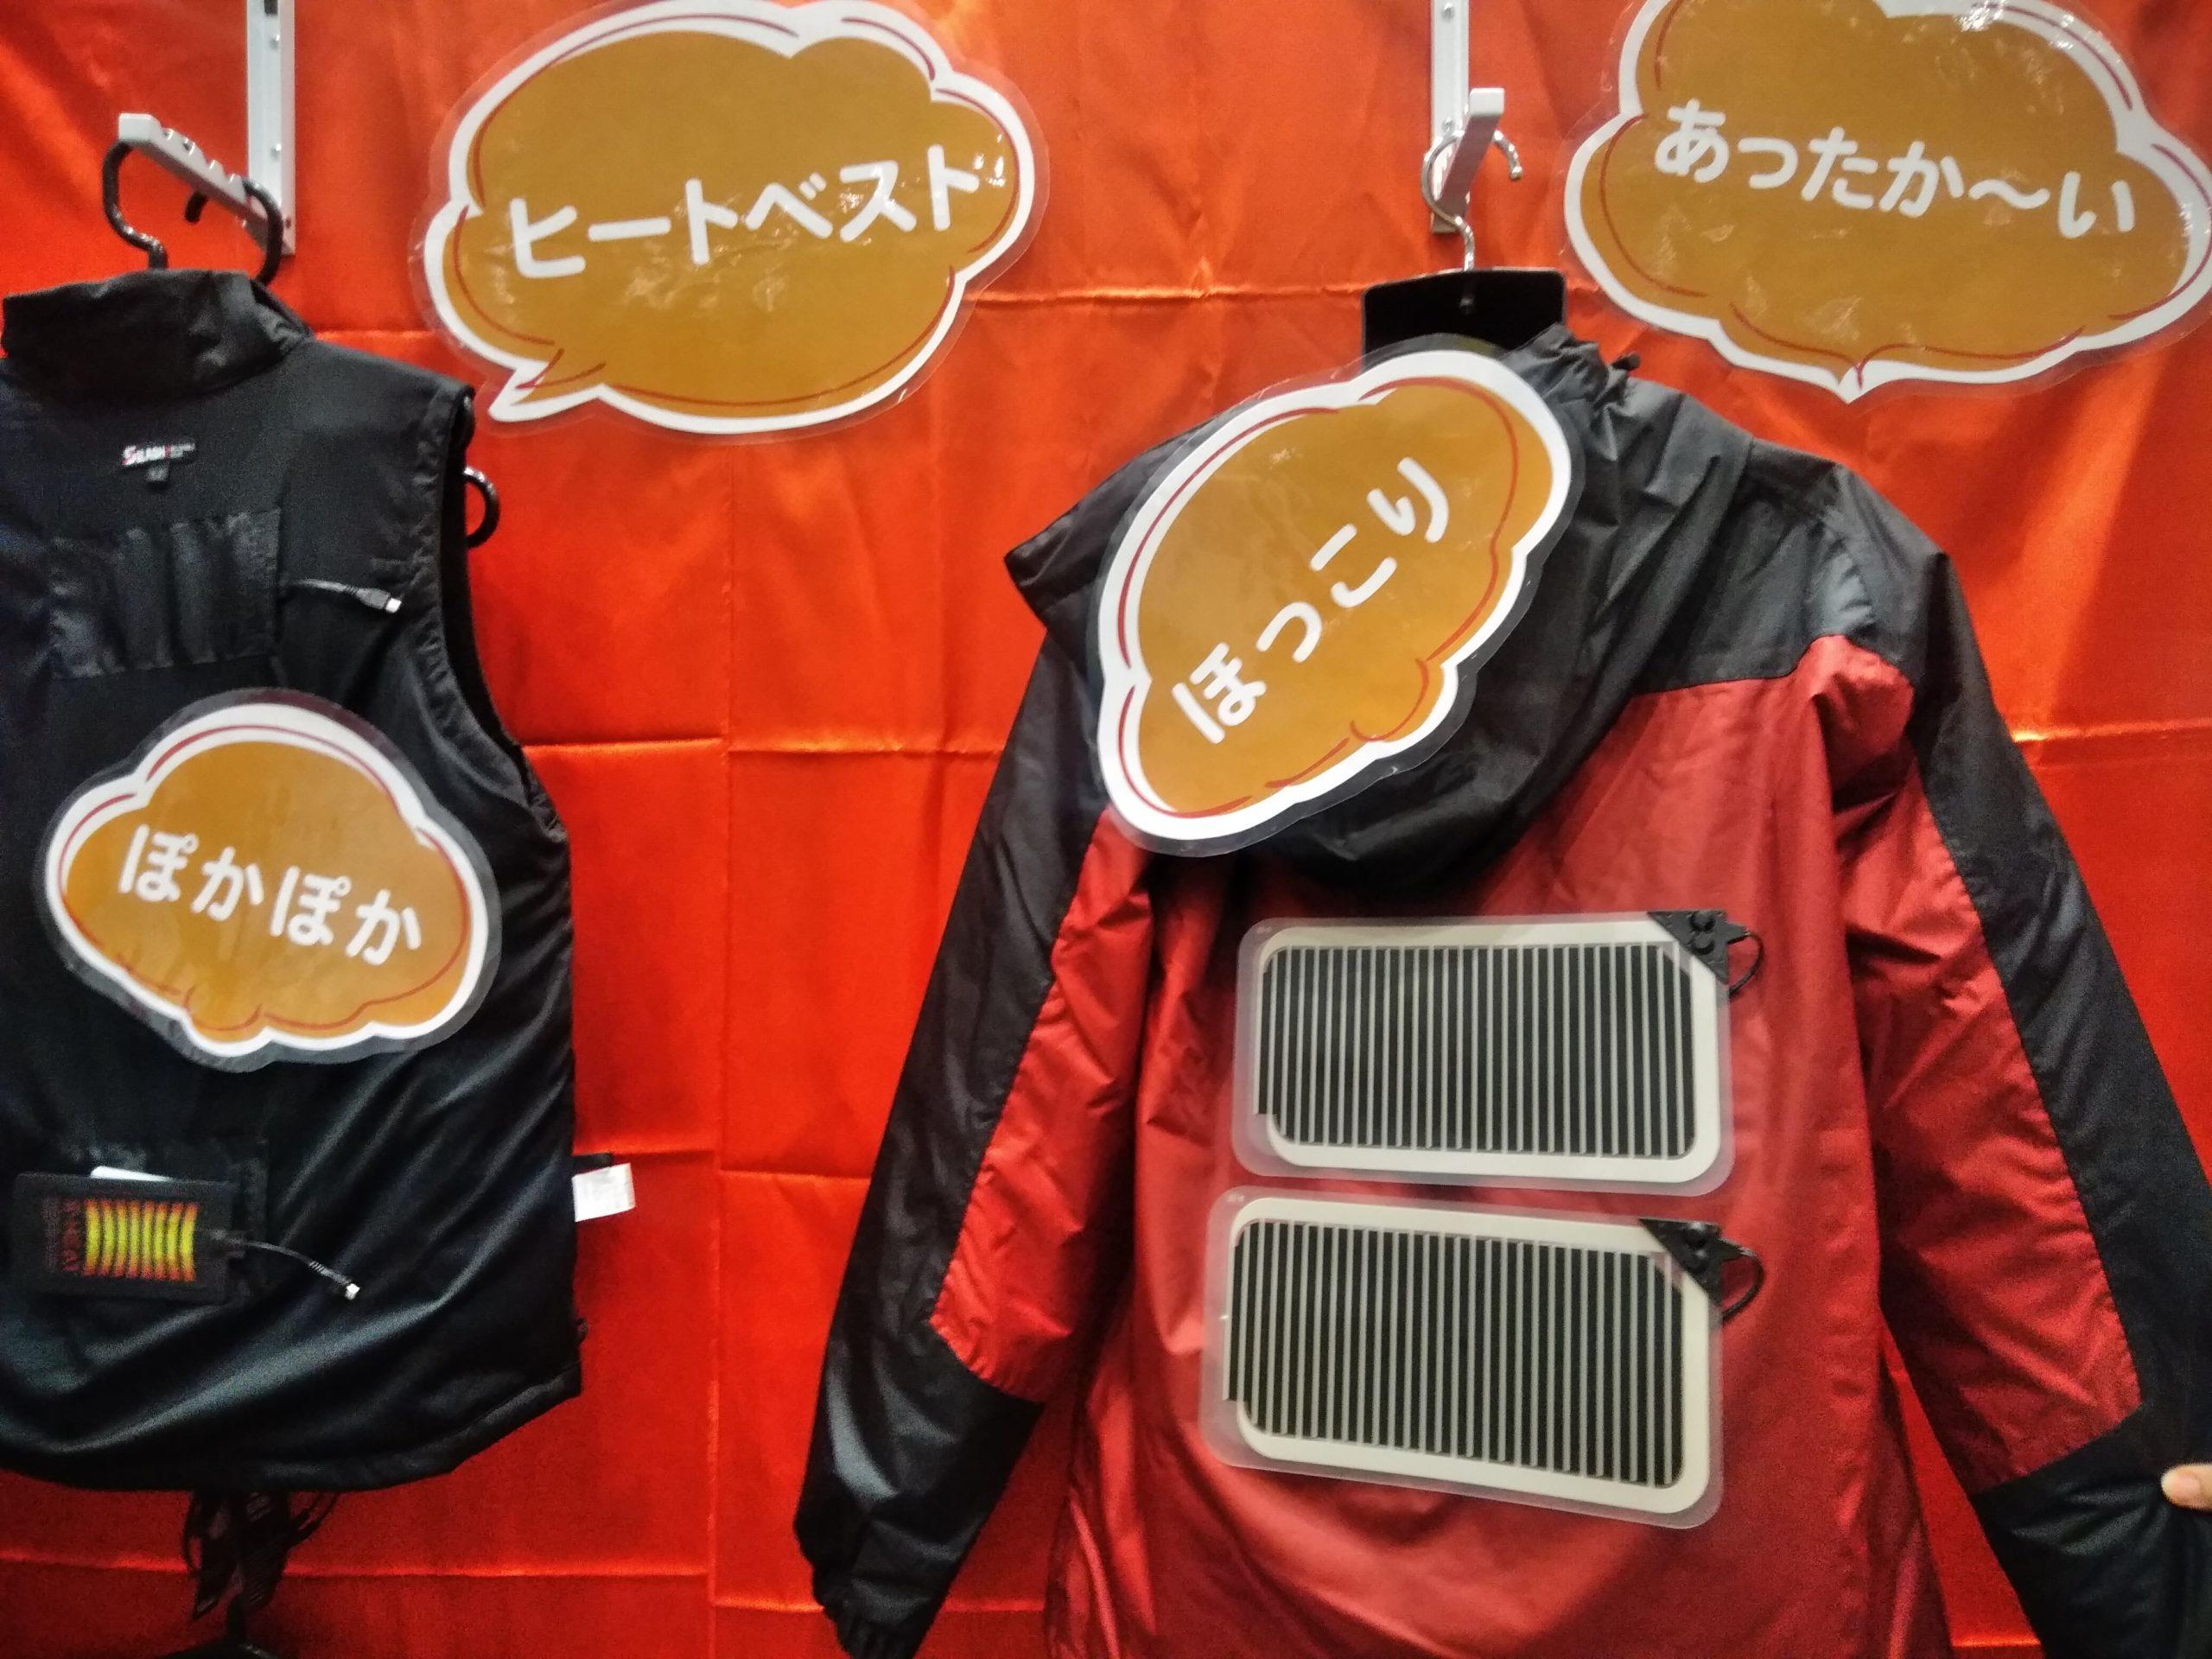 ヒーターが搭載された空調服